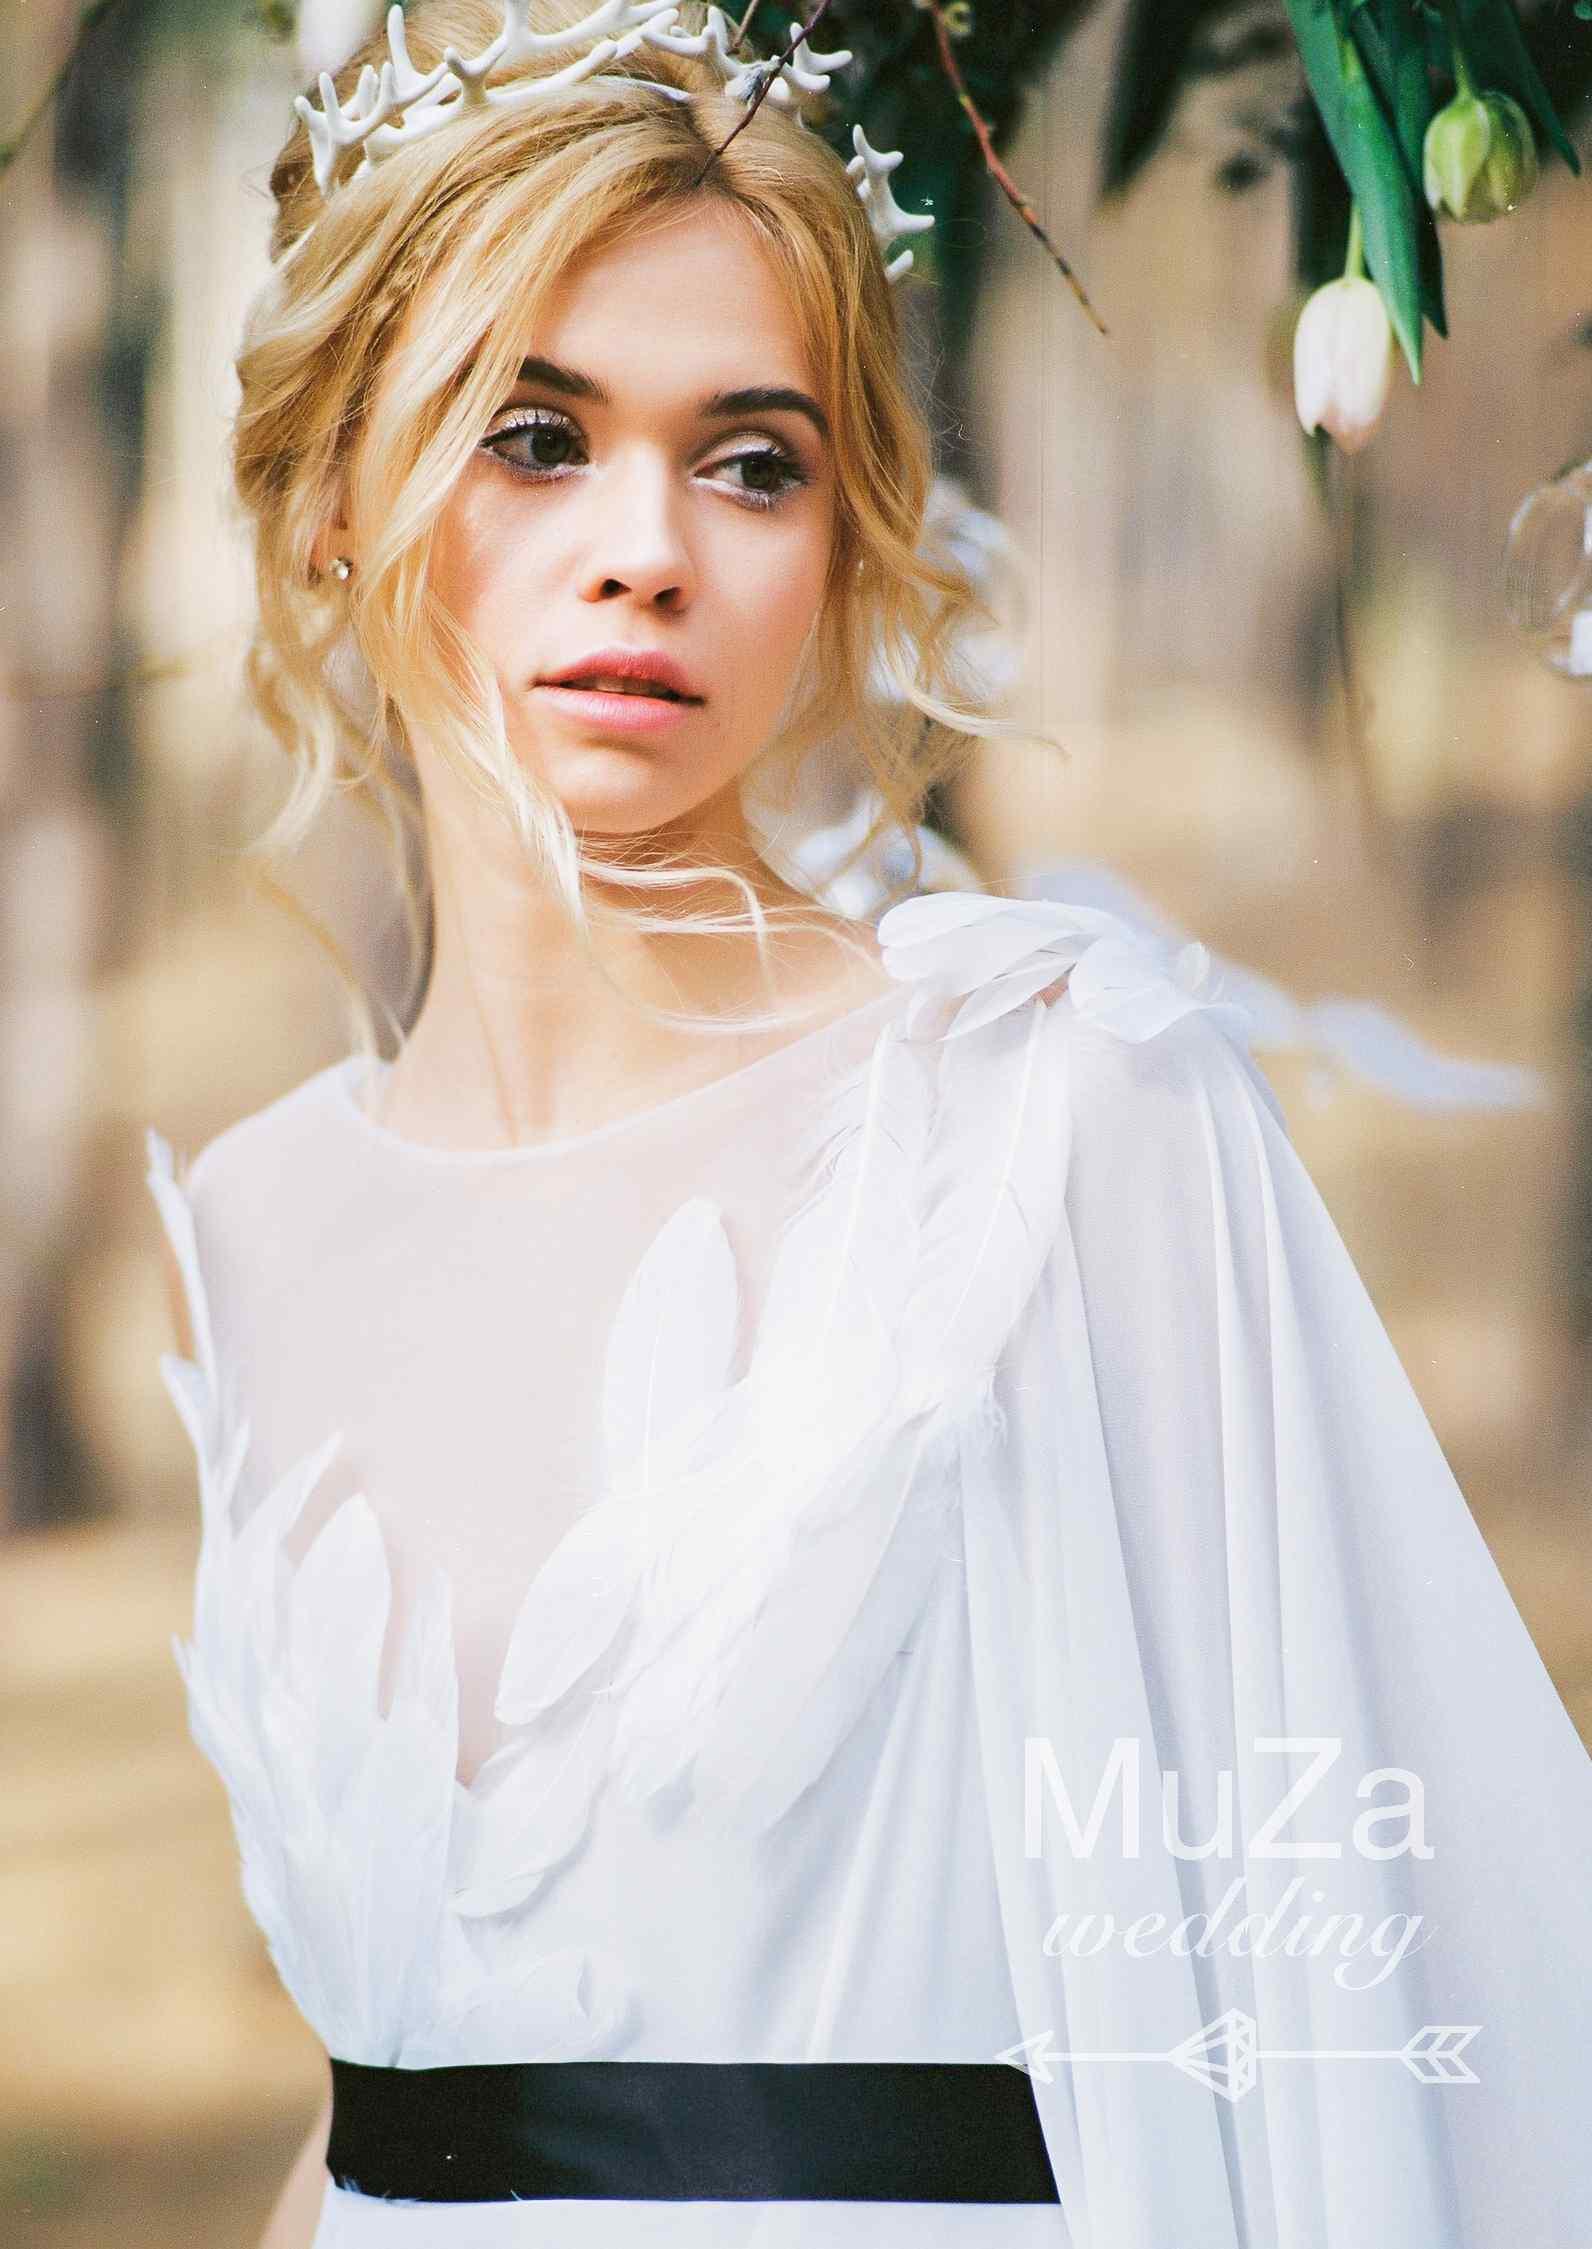 естественный нежный образ невесты